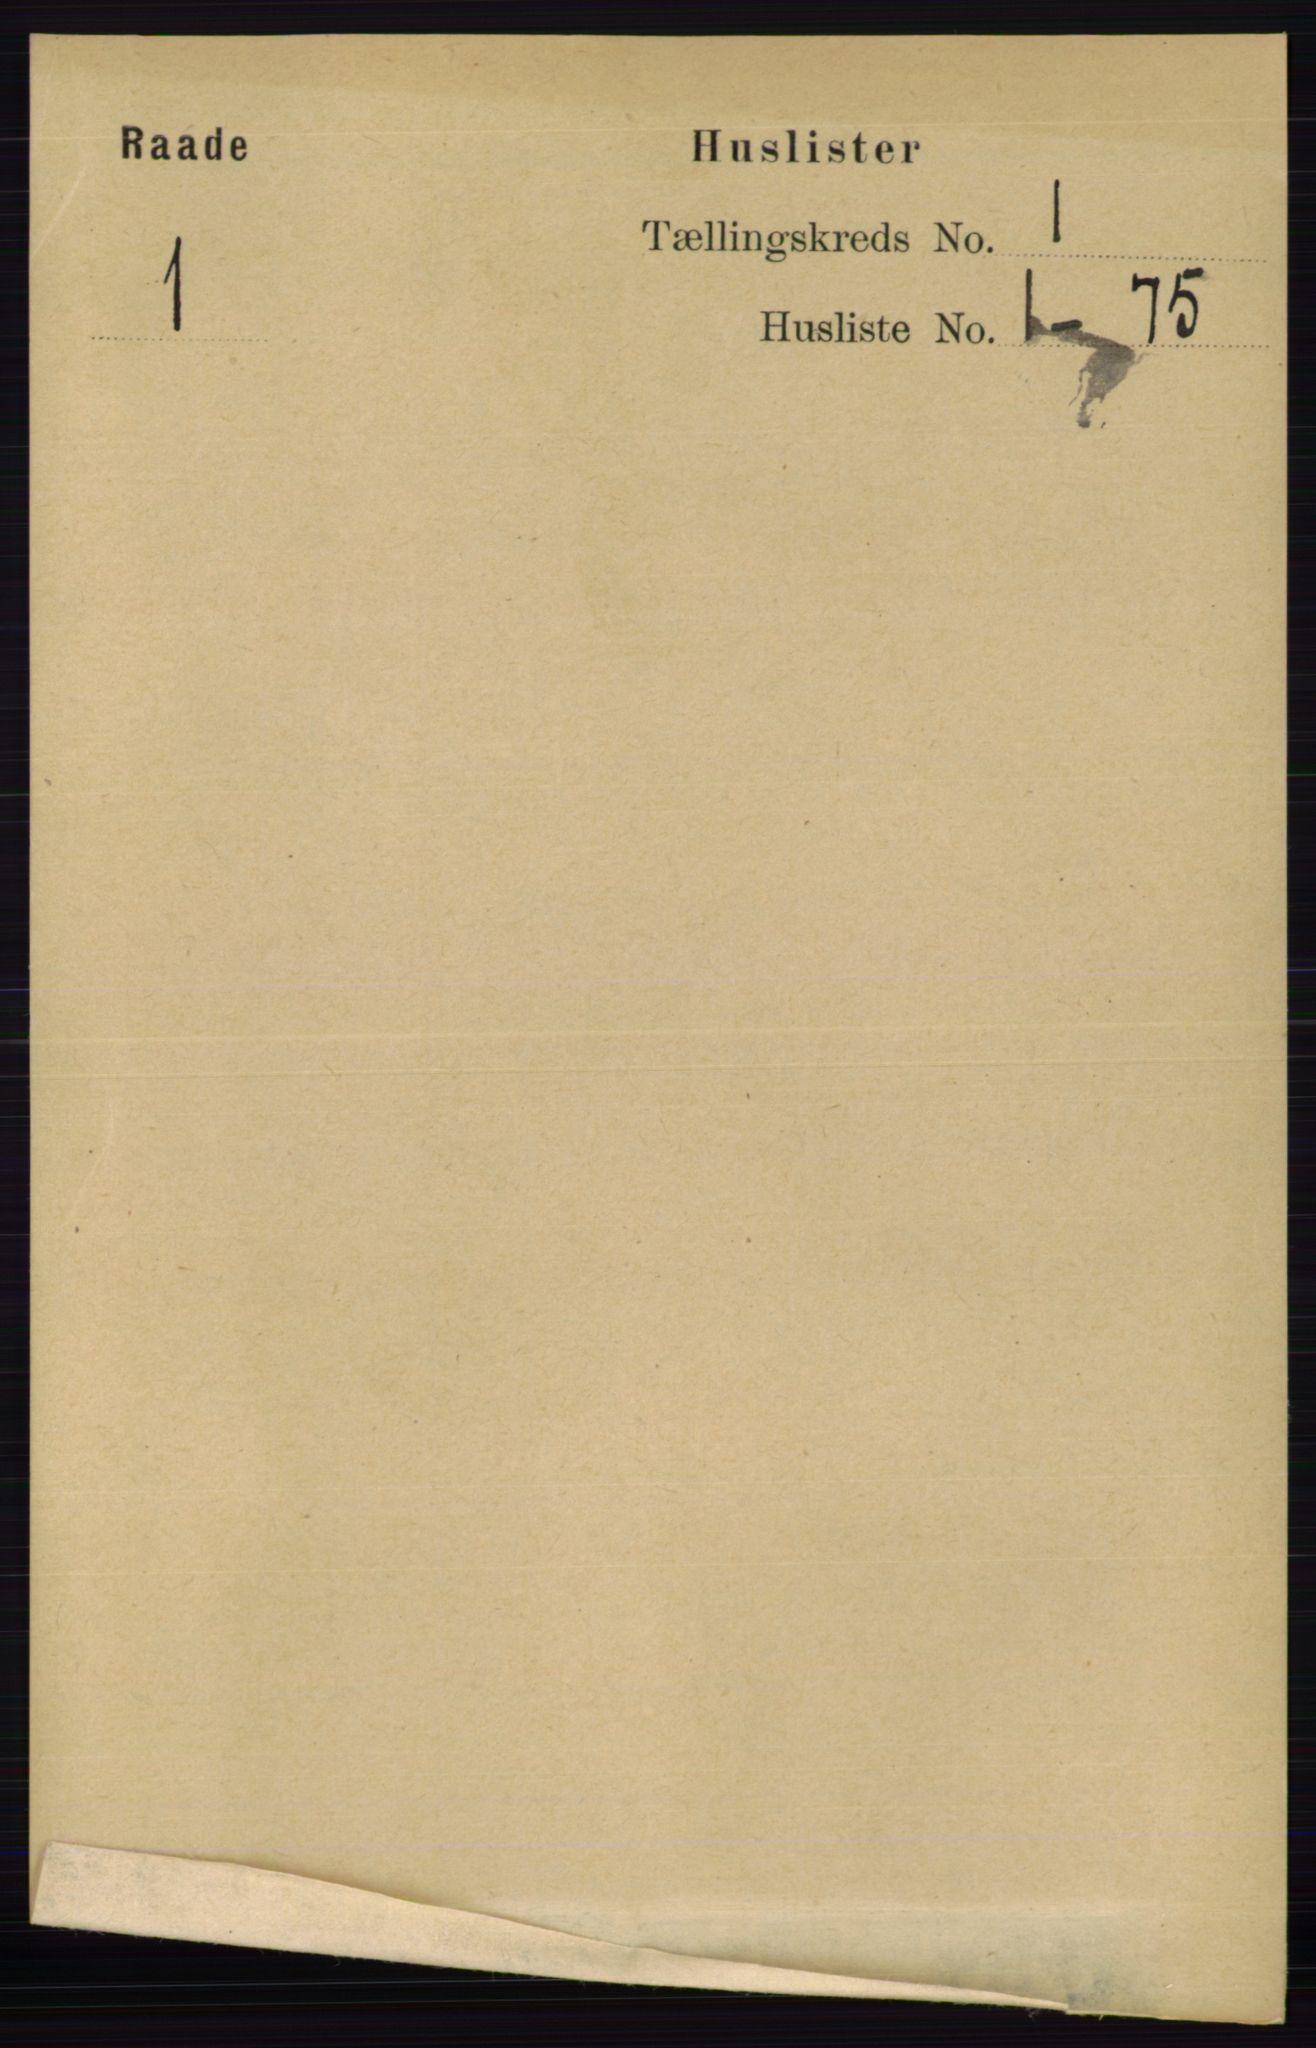 RA, Folketelling 1891 for 0135 Råde herred, 1891, s. 18